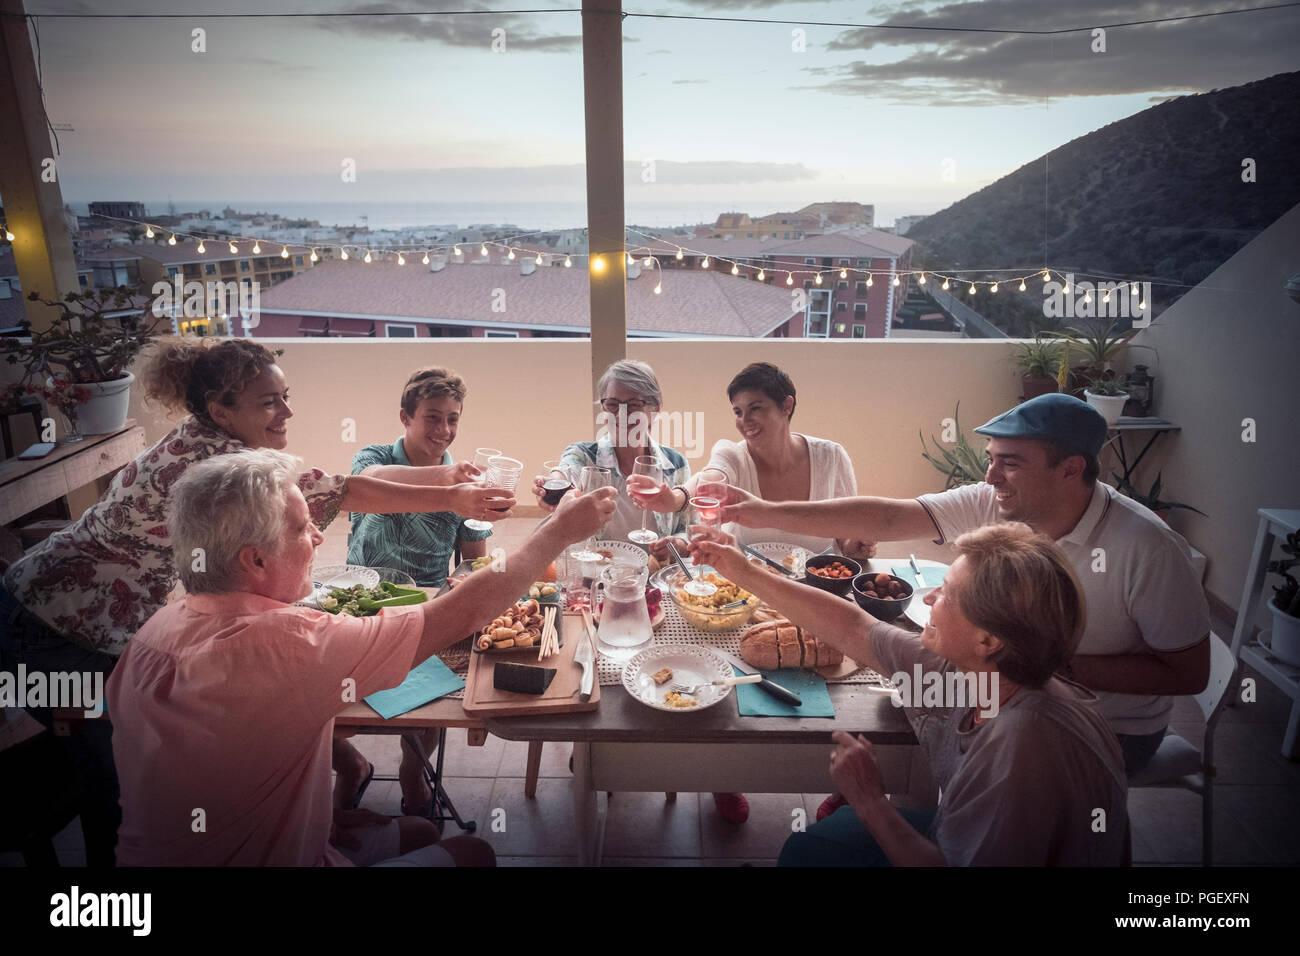 Groupe d'âges différents dans l'amitié les gens mangent ensemble une soirée cheering avec vin et profiter de la vie. Le bonheur et joie pour les amis Photo Stock